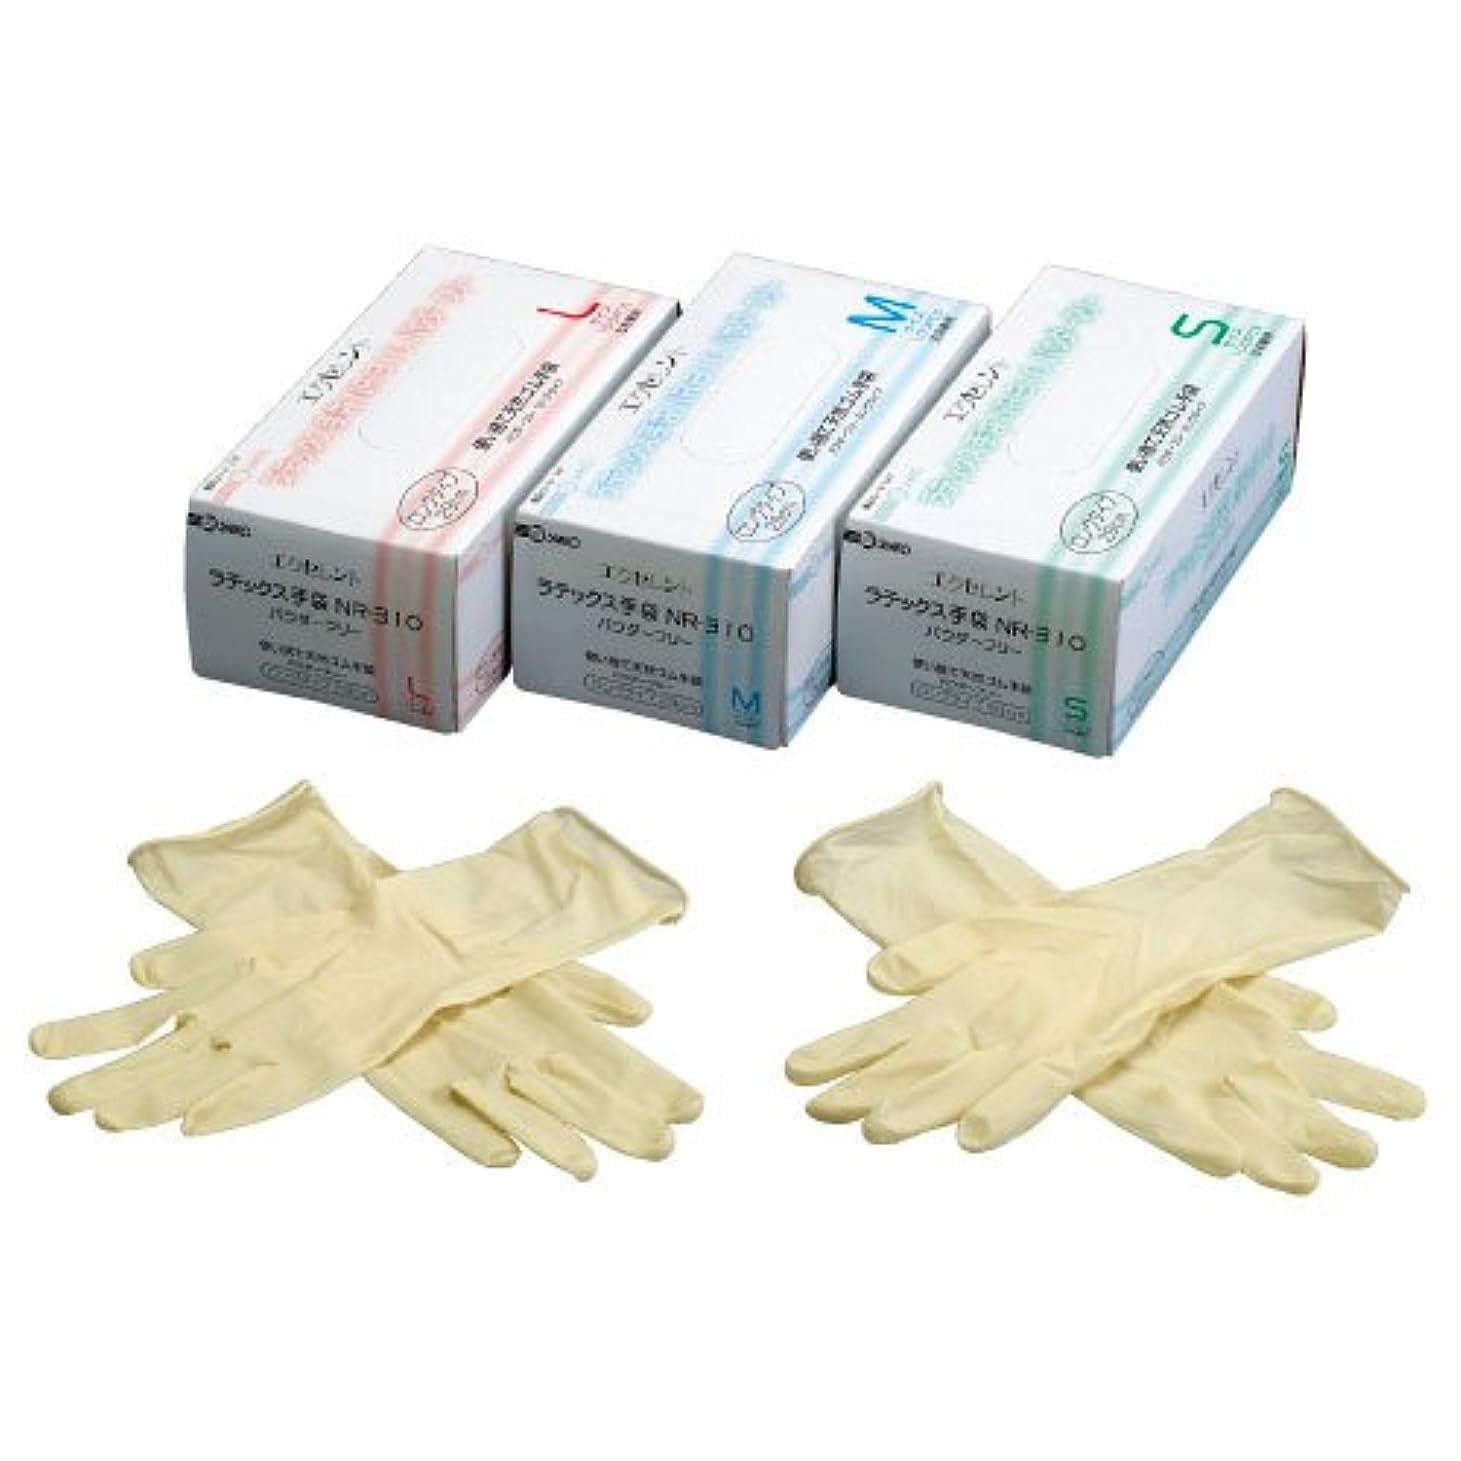 より平らな再生コカインエクセレントラテックス手袋PFロング ????????????????(23-3140-00)NR-310(100????)M M